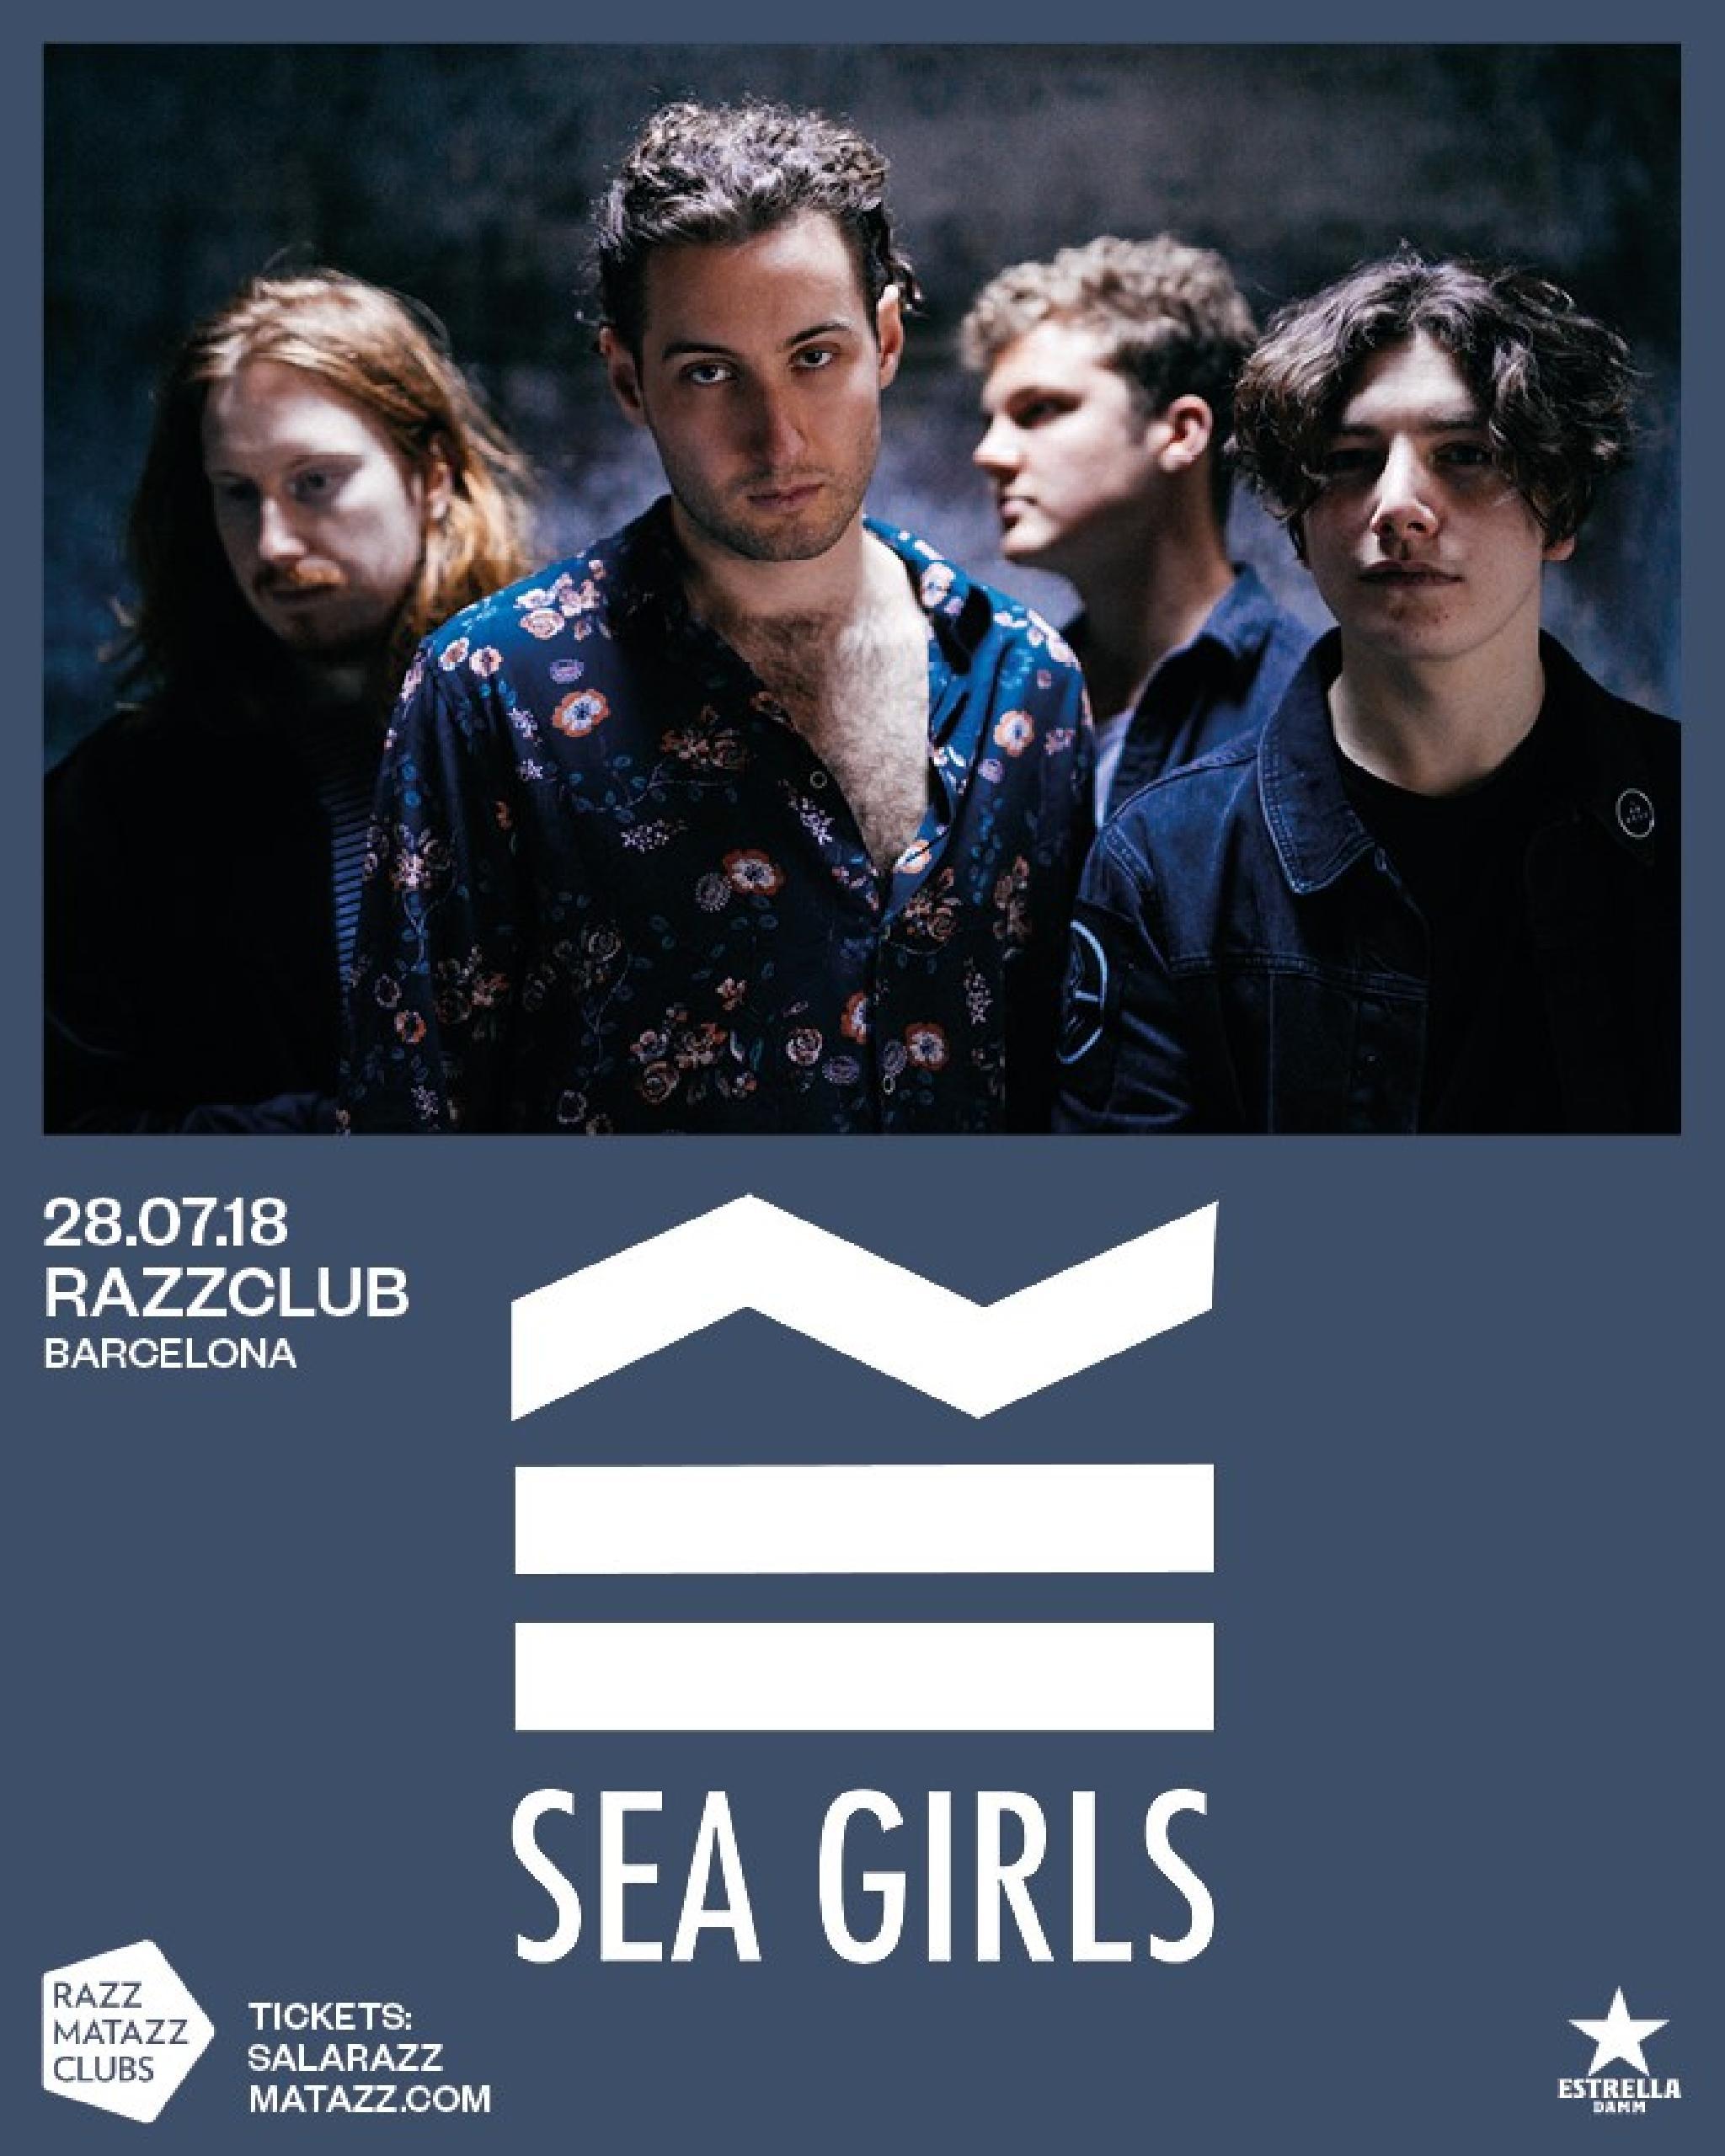 Entradas Sea Girls en Barcelona. Gira Sea Grils. Sea Girls España. Concierto Sea Girls. Sea Girls Razzmatazz